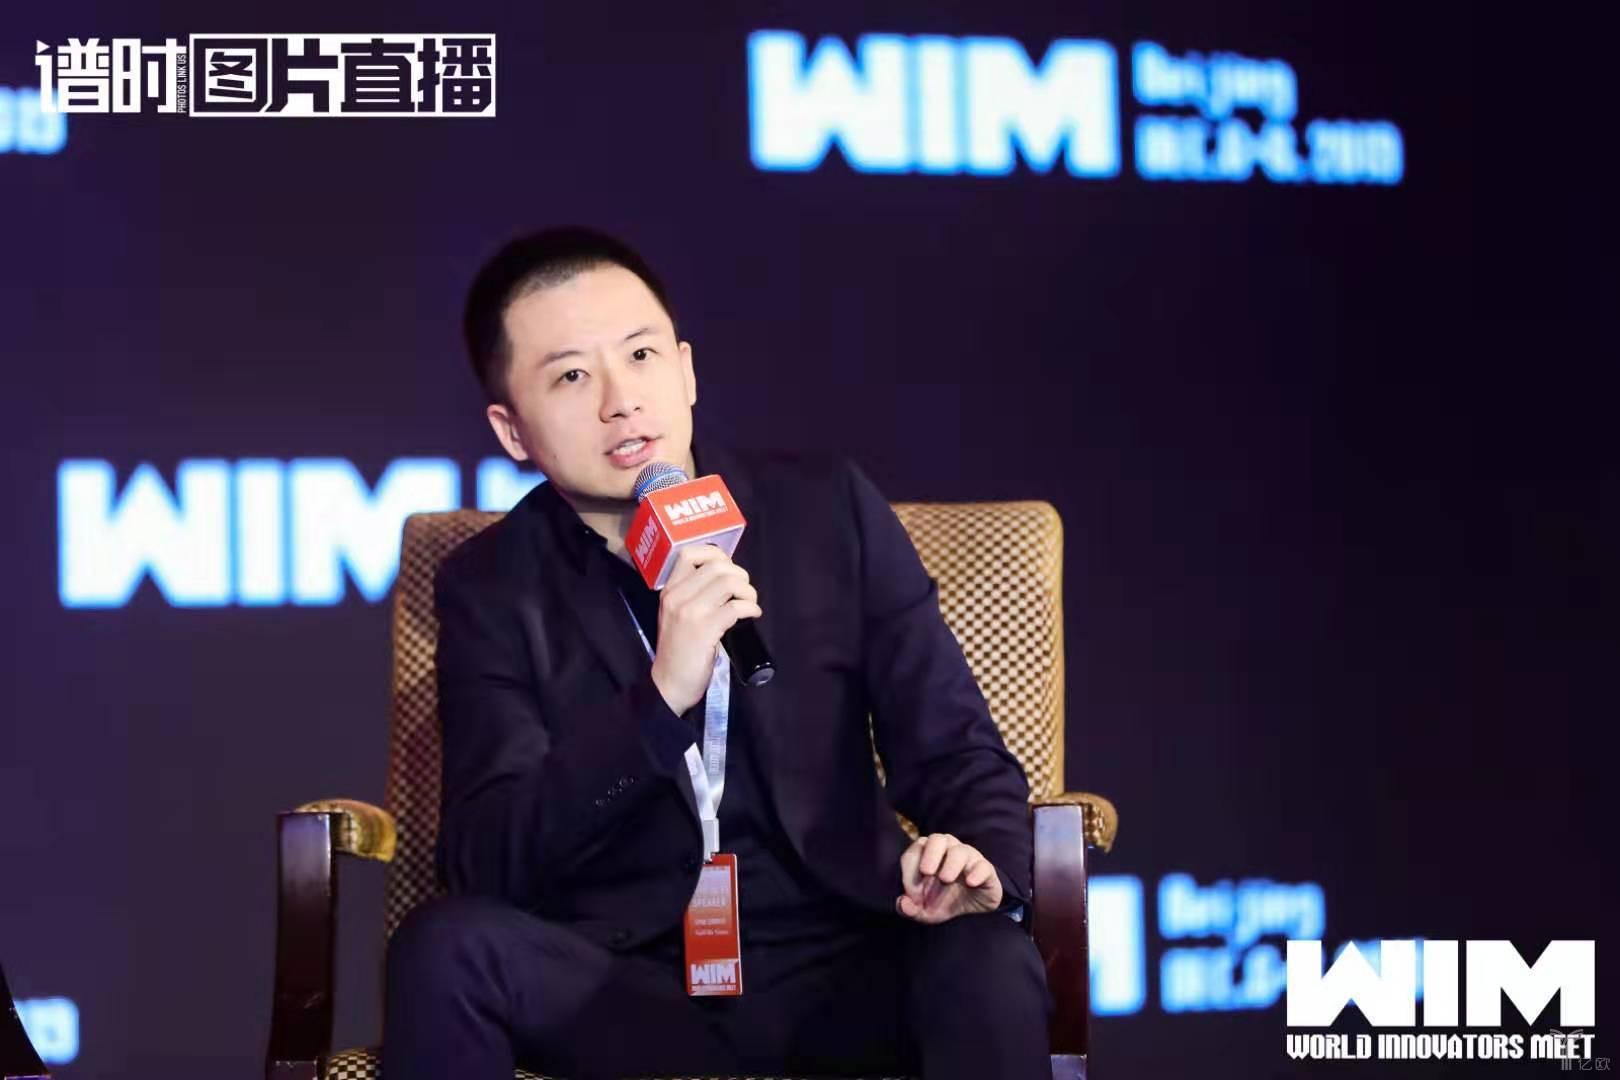 三角兽科技创始人兼董事长马宇驰